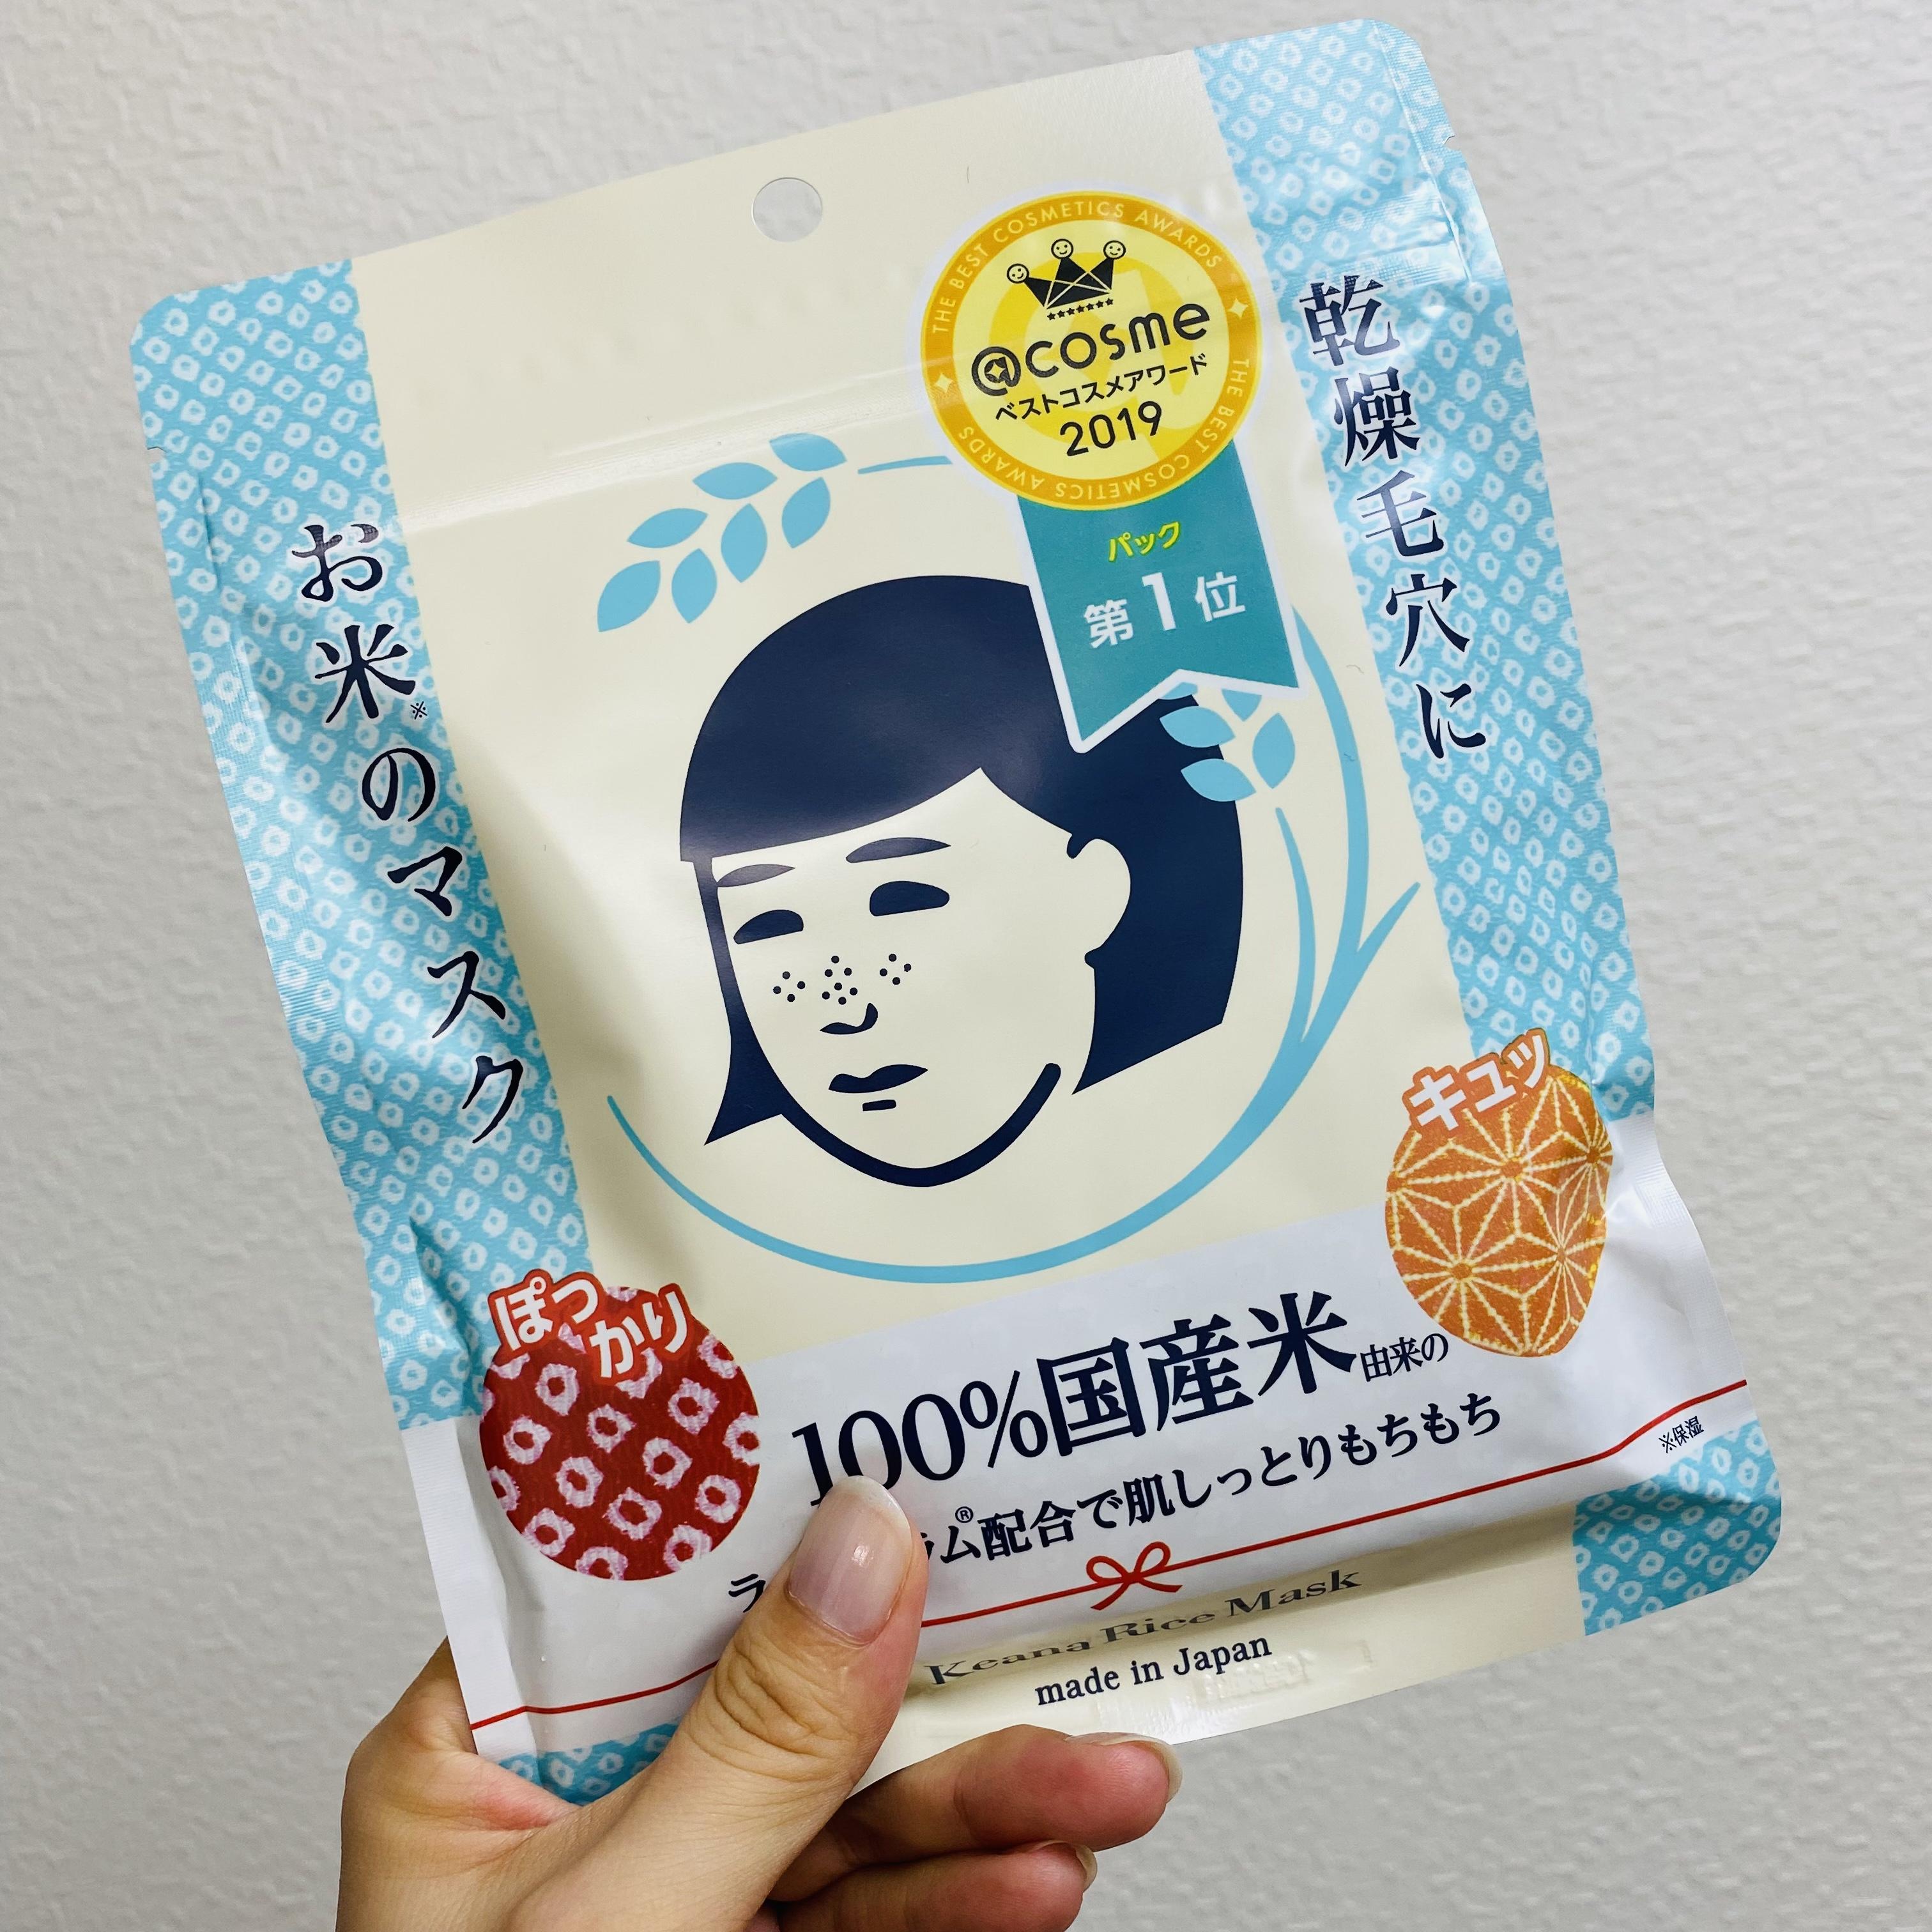 毛穴撫子(ケアナナデシコ) お米のマスク <シートマスク>に関するminoriさんの口コミ画像2